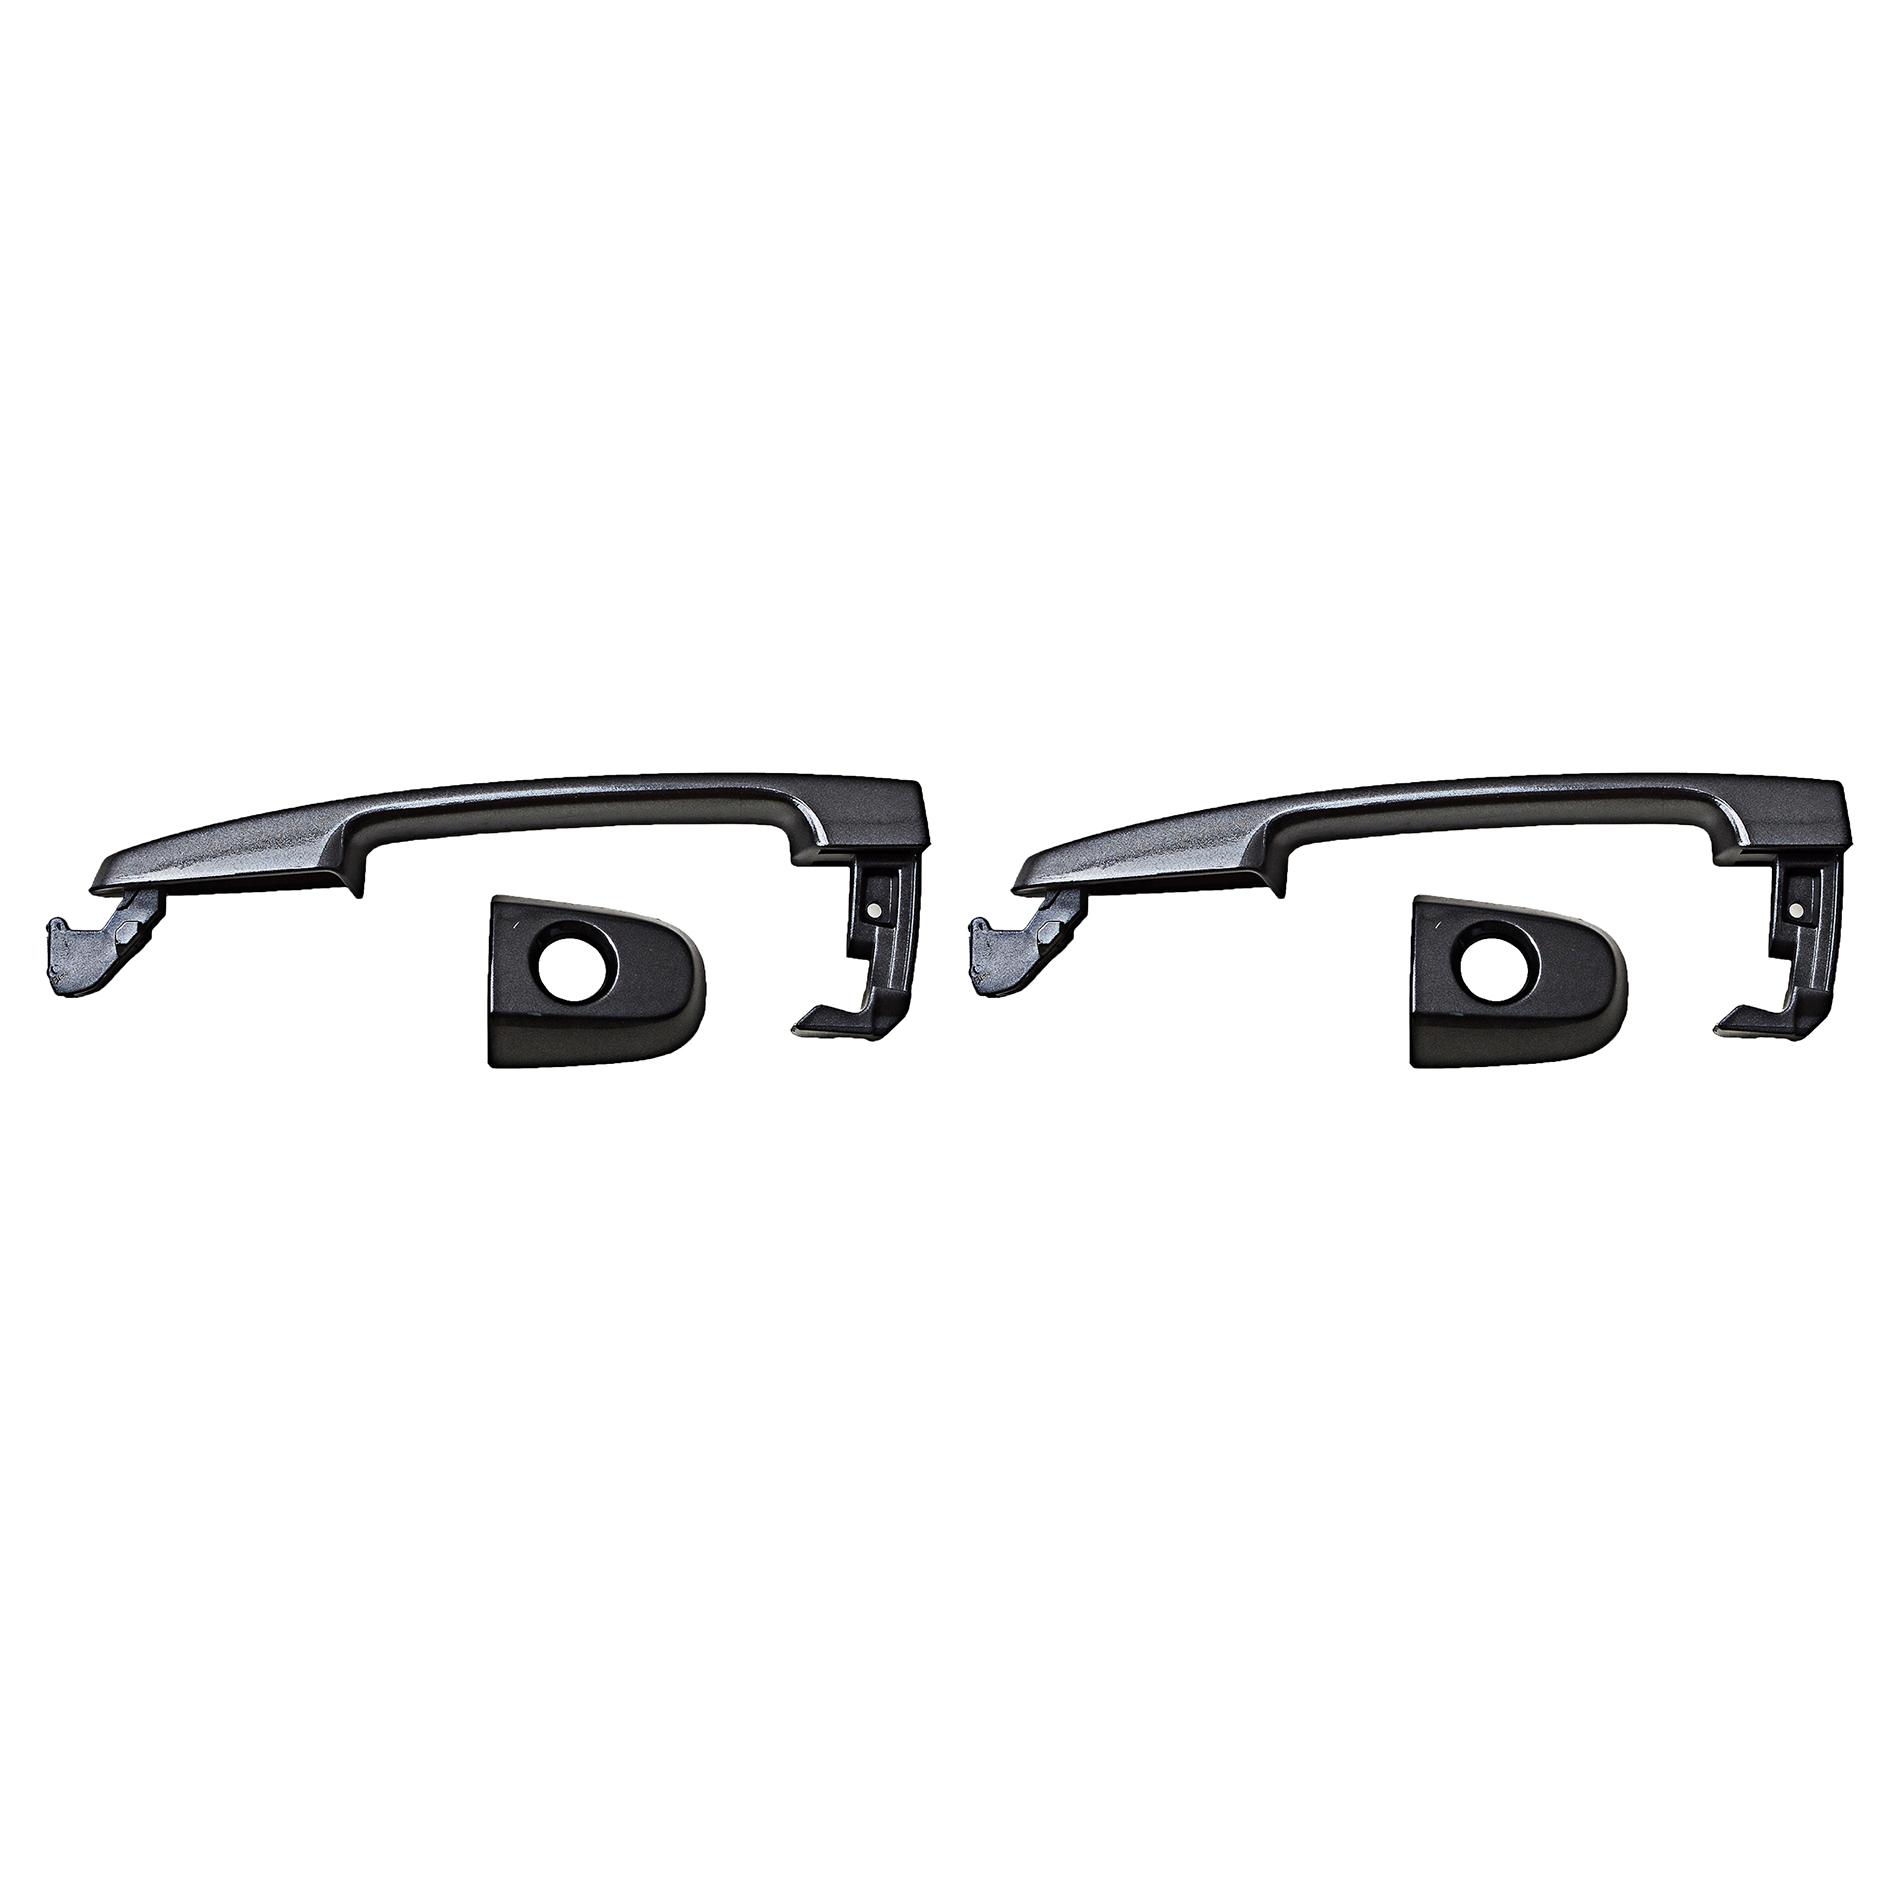 1G3 Gray For Toyota Camry Corolla RAV4 Front Left & Right